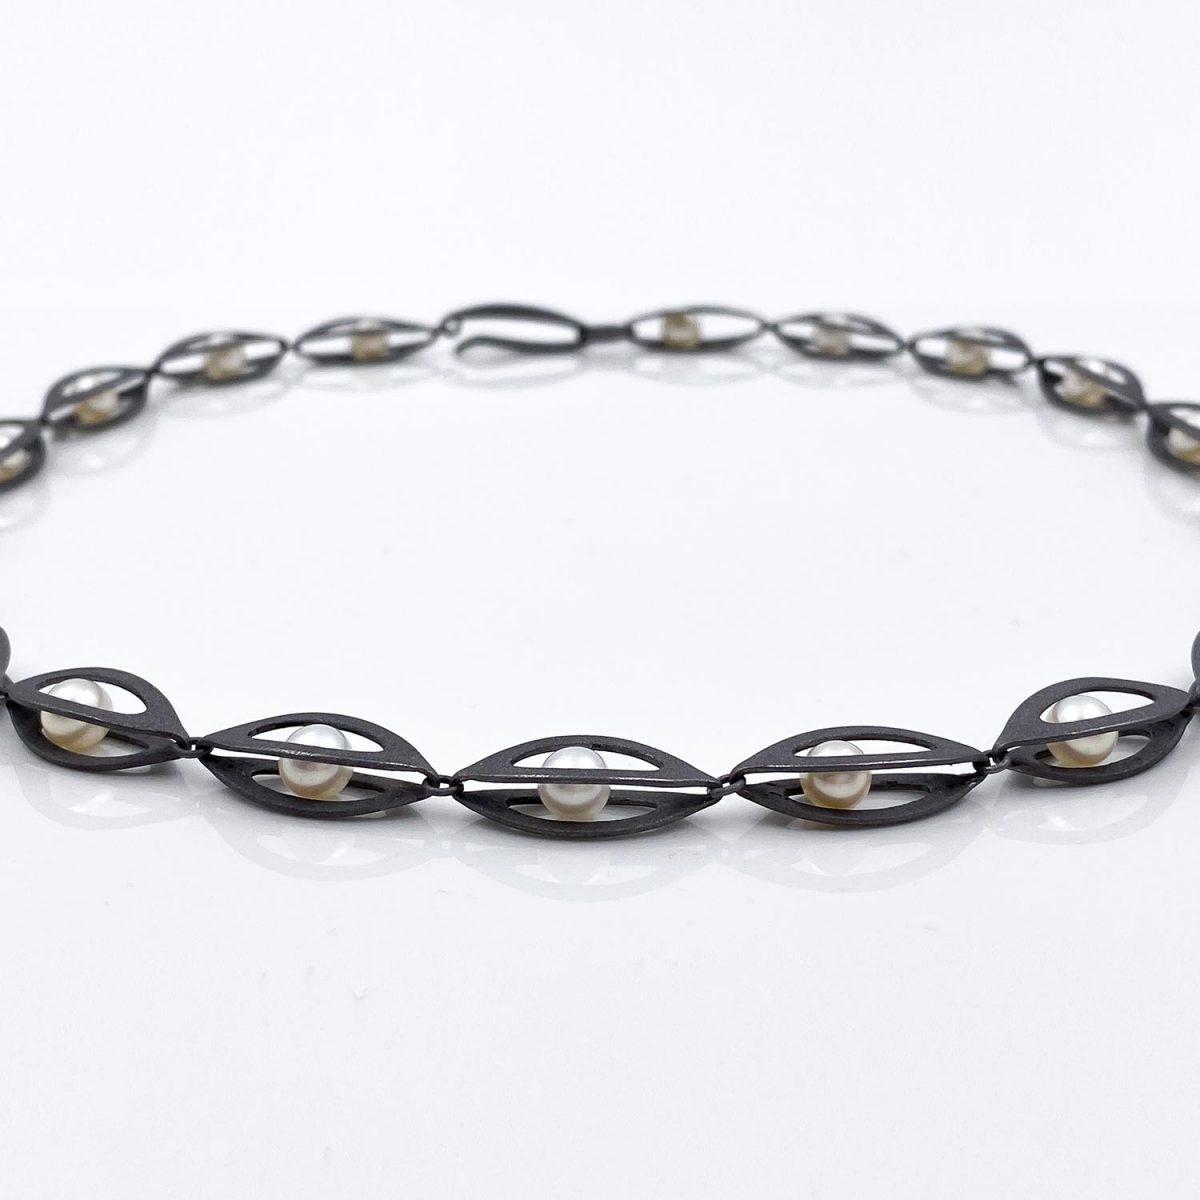 Tantal Kette mit Perlen Unique Pieces Collection